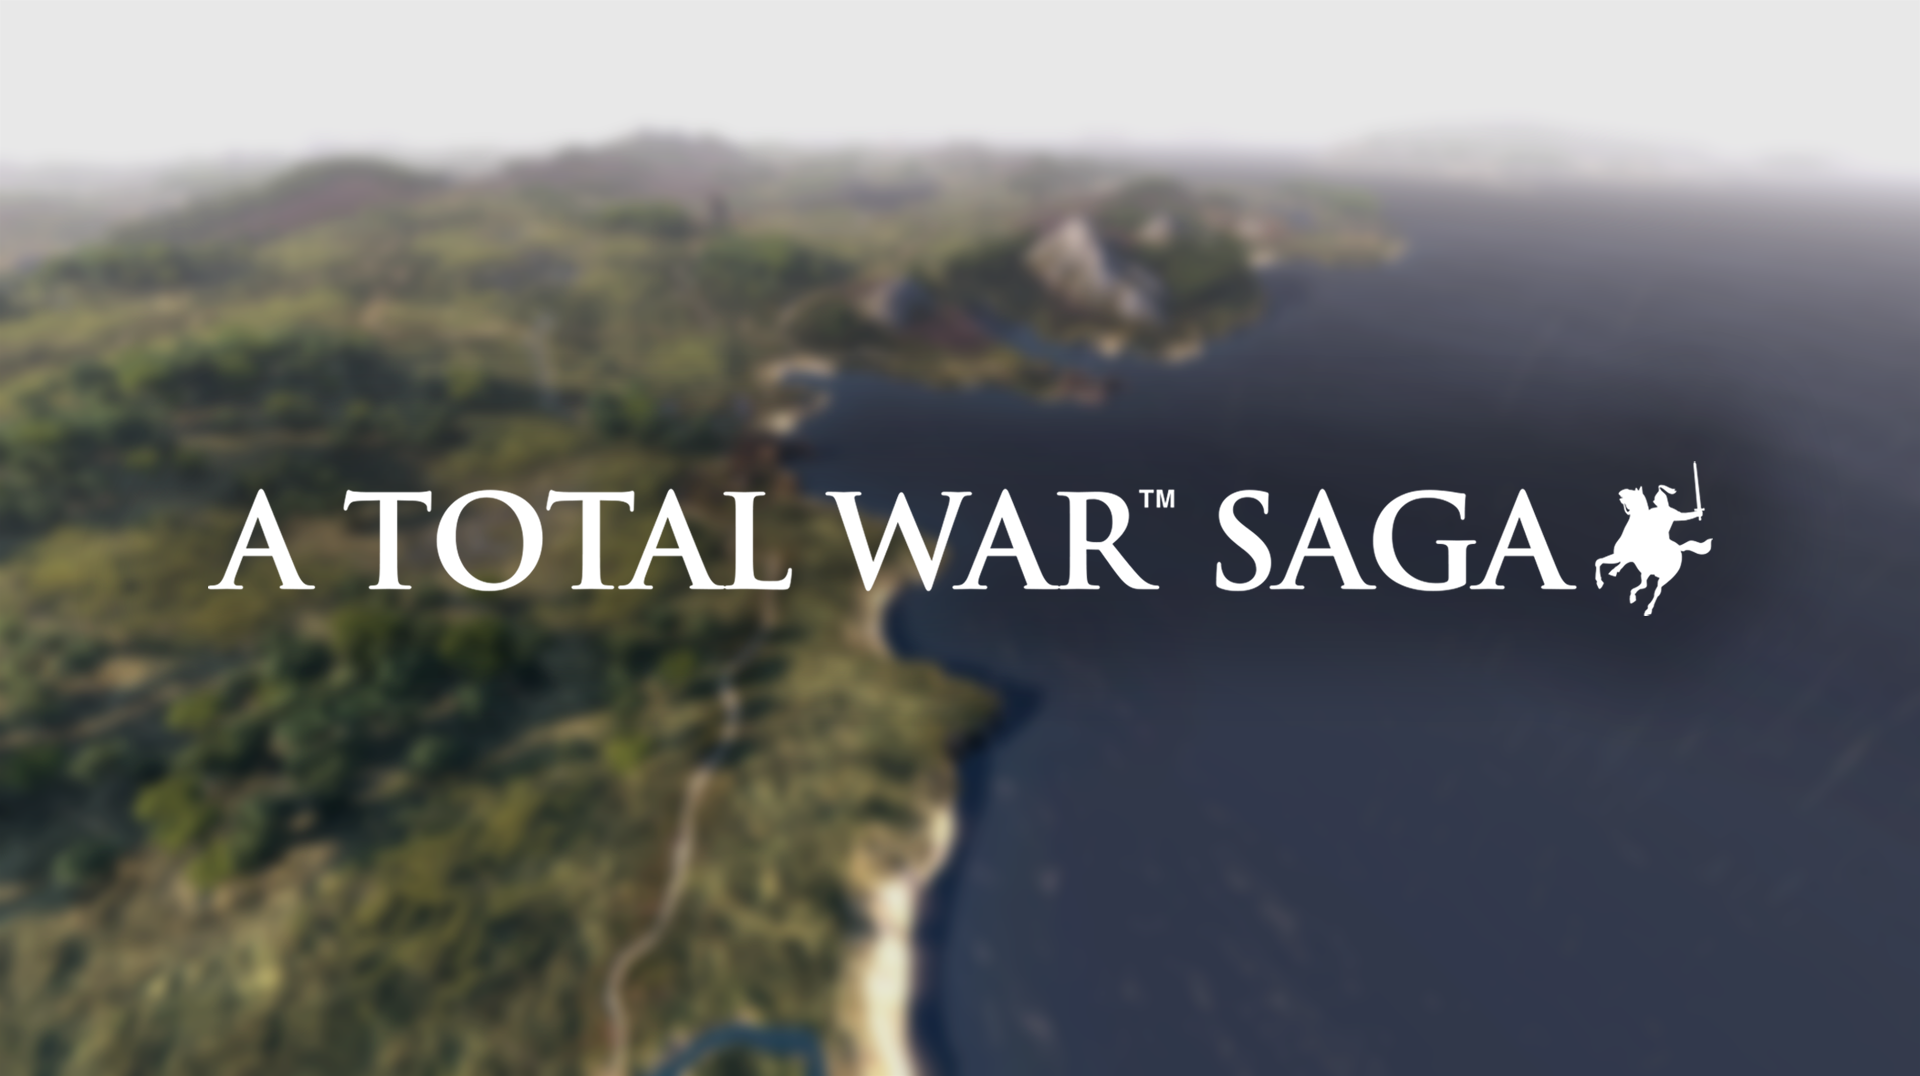 Série Total War Saga vai focar-se em momentos históricos